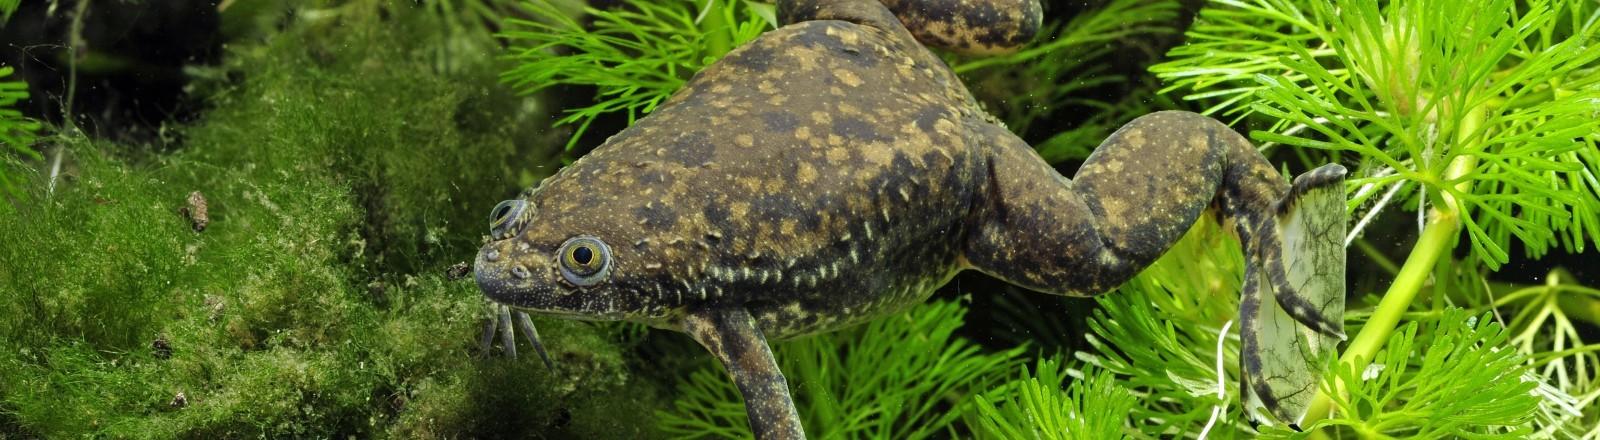 Ein Krallenfrosch im Wasser